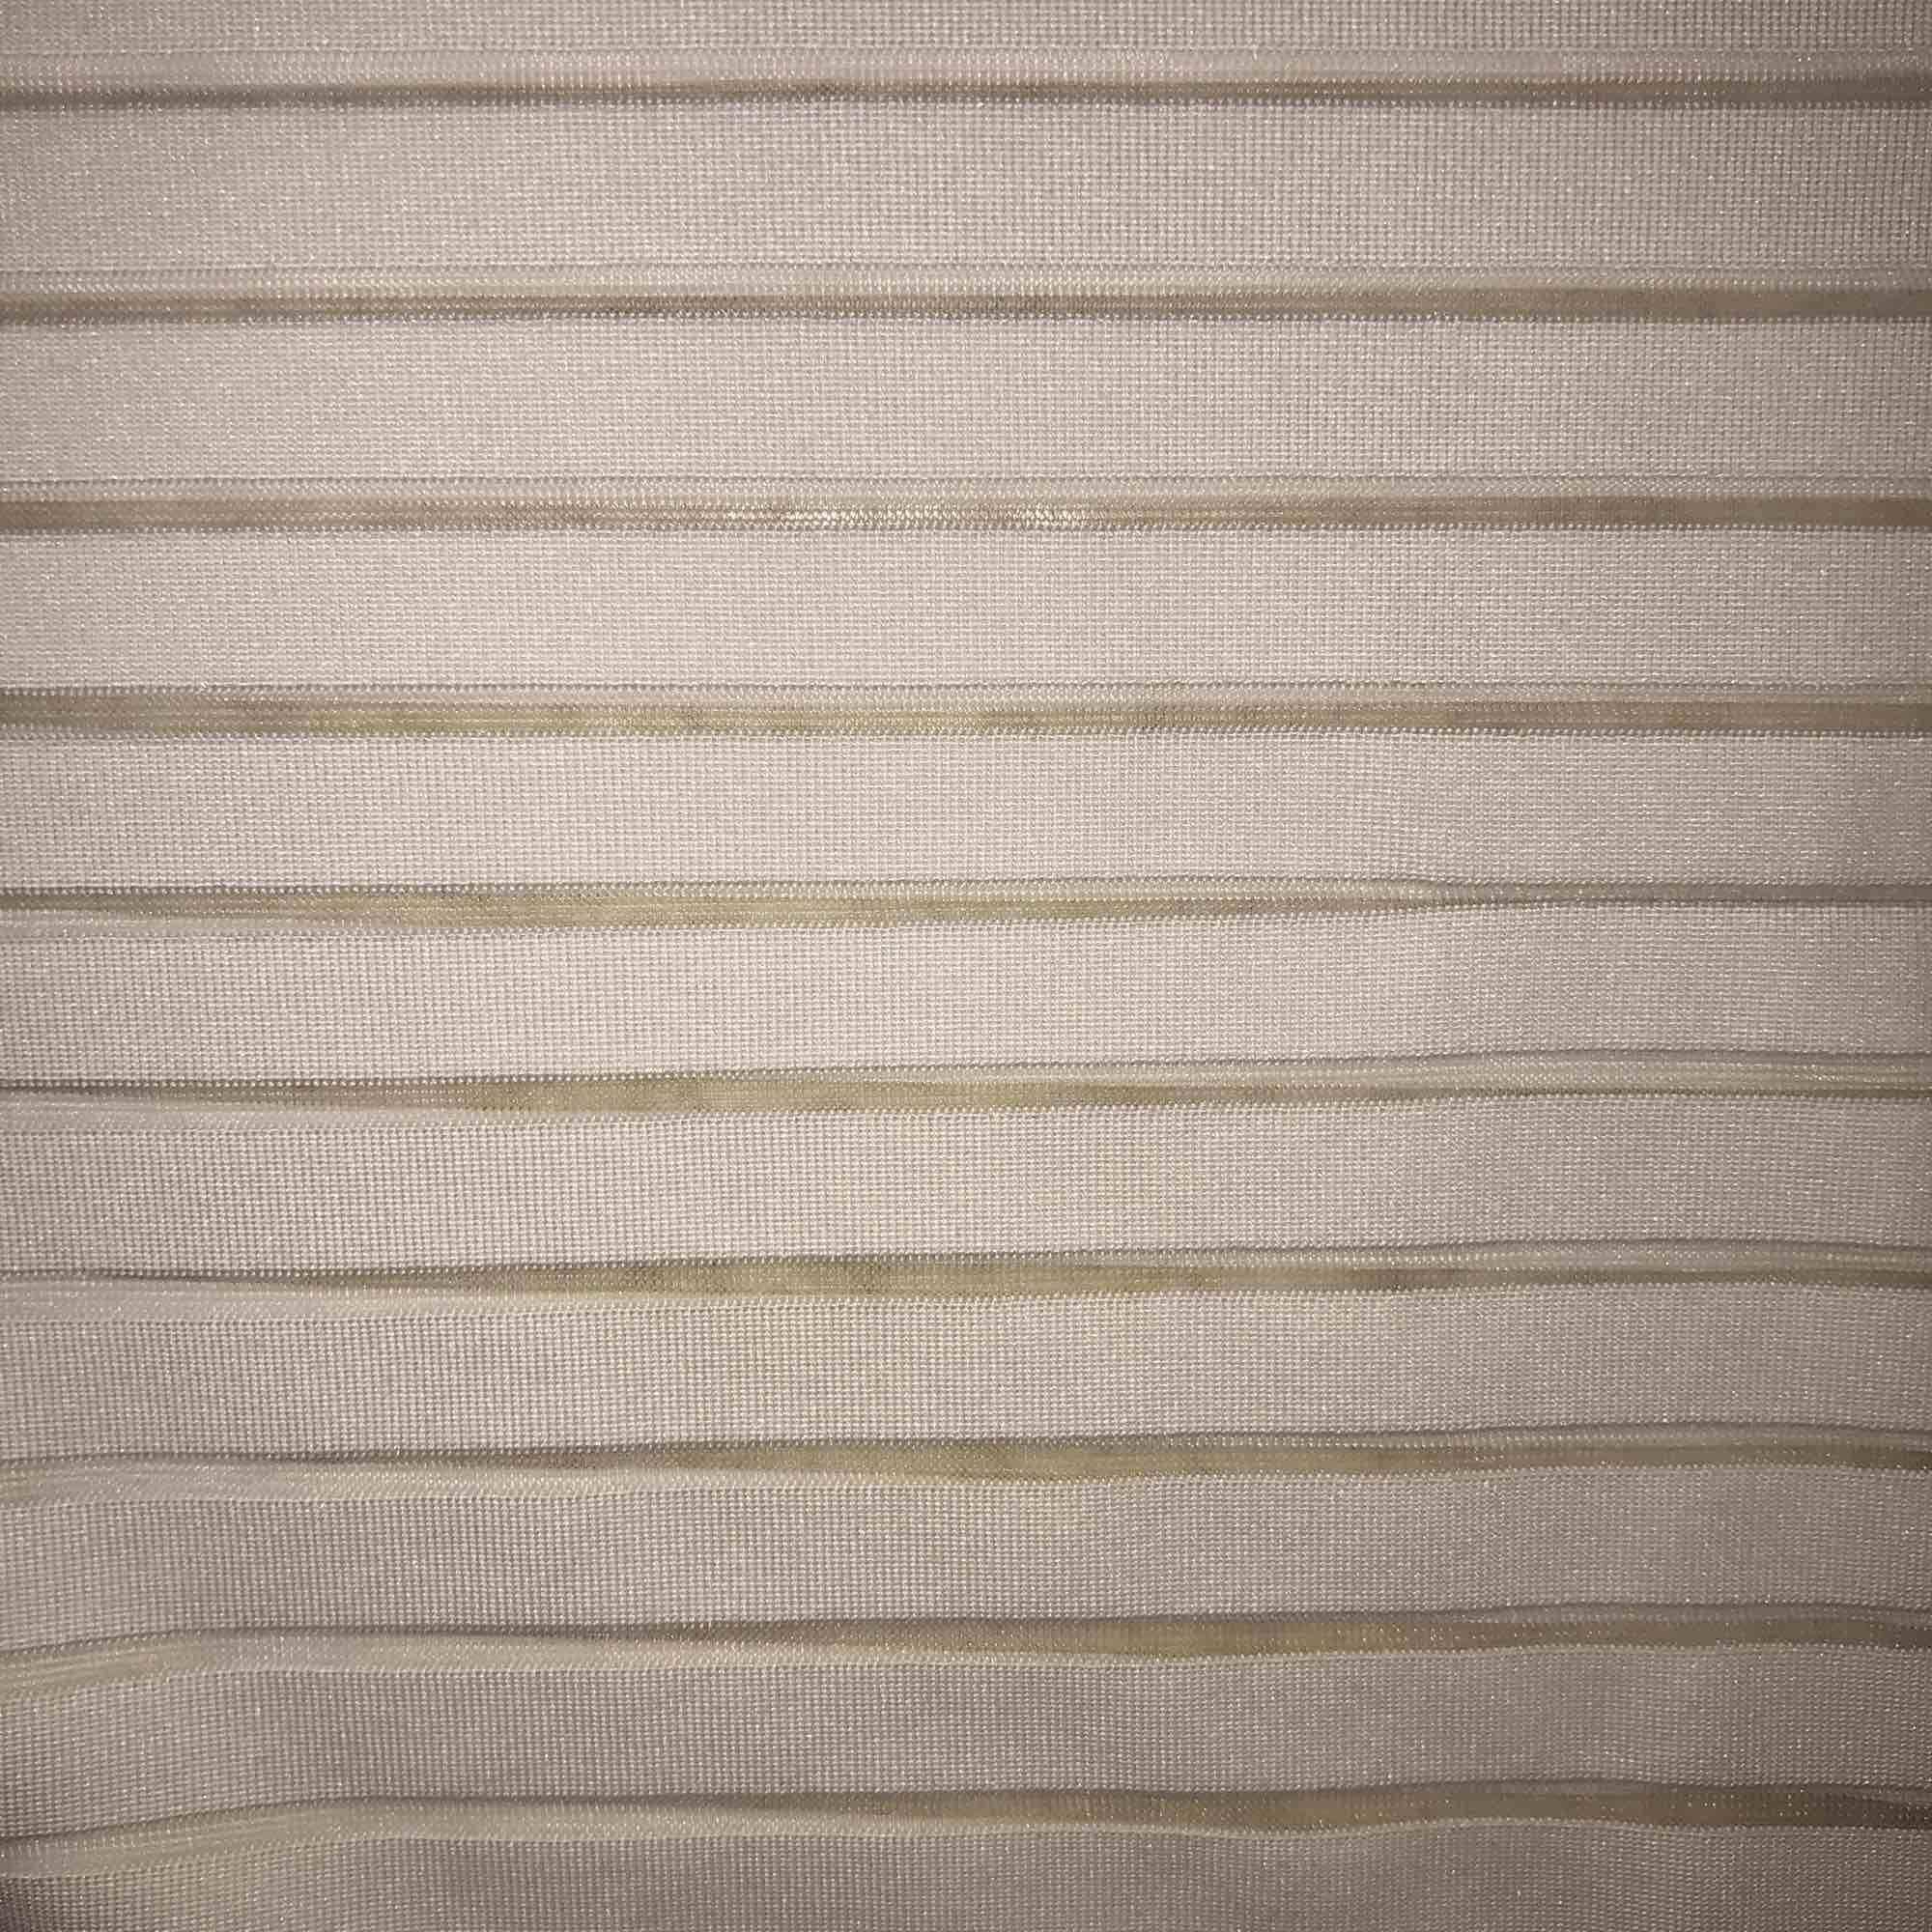 En randig , genomskinlig magtröja från HM i storlek XS, varannan rand är vit och genomskinlig. Sitter jätte fint på men inte riktigt min stil längre... 50 kr frakt ingår ej. . Toppar.